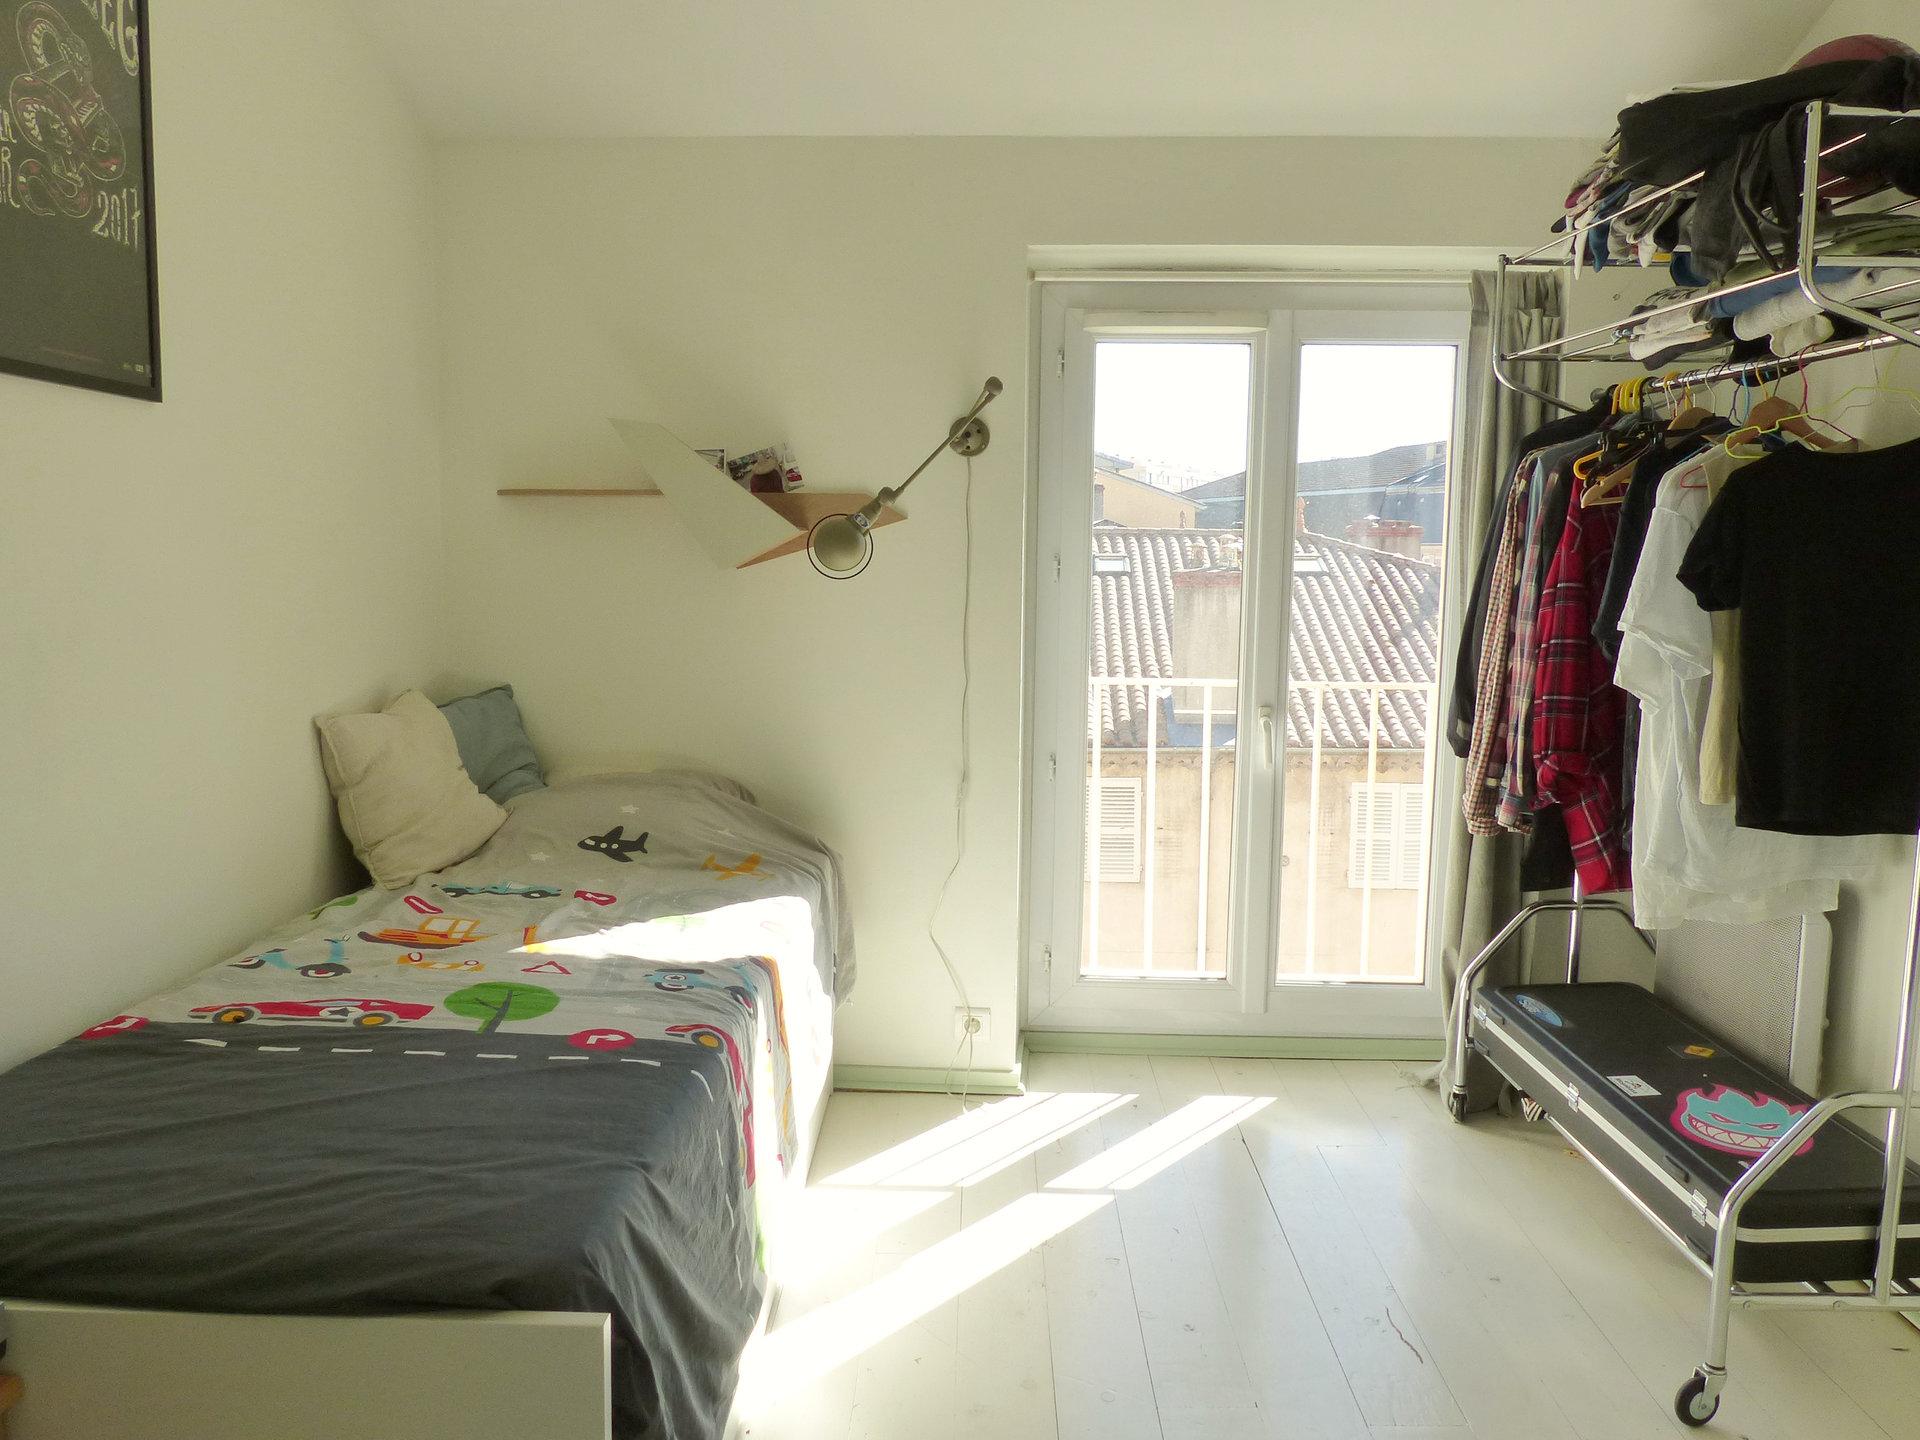 Mâcon, centre ville, à deux pas de la gare, venez découvrir cet appartement de charme offrant une surface habitable de 98 m². Il se compose d'une vaste entrée avec placards, d'une lumineuse pièce de vie donnant sur une terrasse de 20 m², d'une cuisine, de deux chambres, d'une salle de bains avec douche et baignoire ainsi qu'un toilette séparé. Appartement en très bon état, lumineux, beaucoup de charme pour ce bien, nombreux rangements. Petite copropriété à faibles charges ( 143 euros/an - 5 lots). Honoraires à la charge du vendeur.